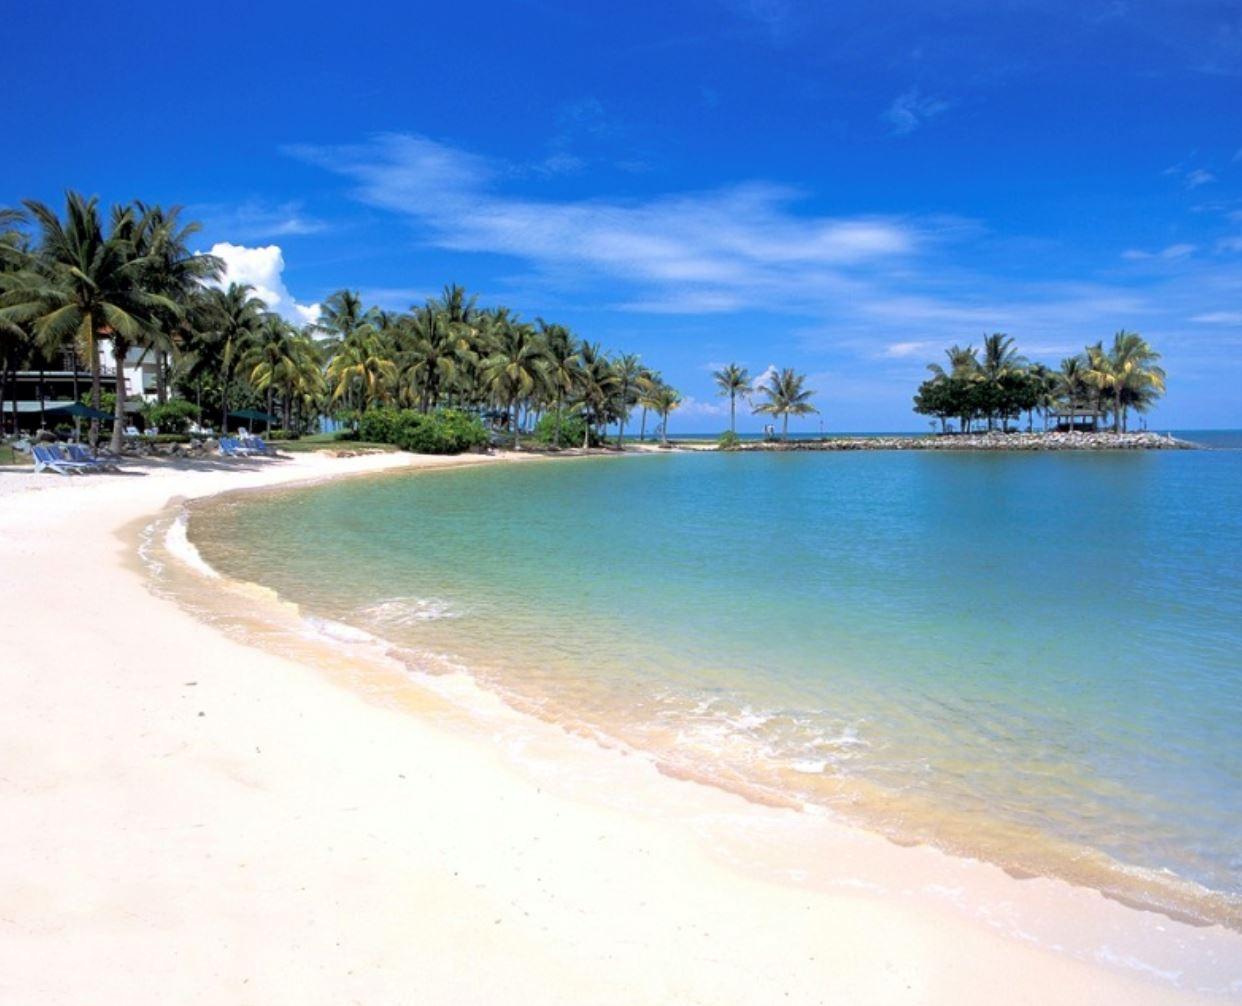 明年1月起,邦咯岛将列为免税岛!